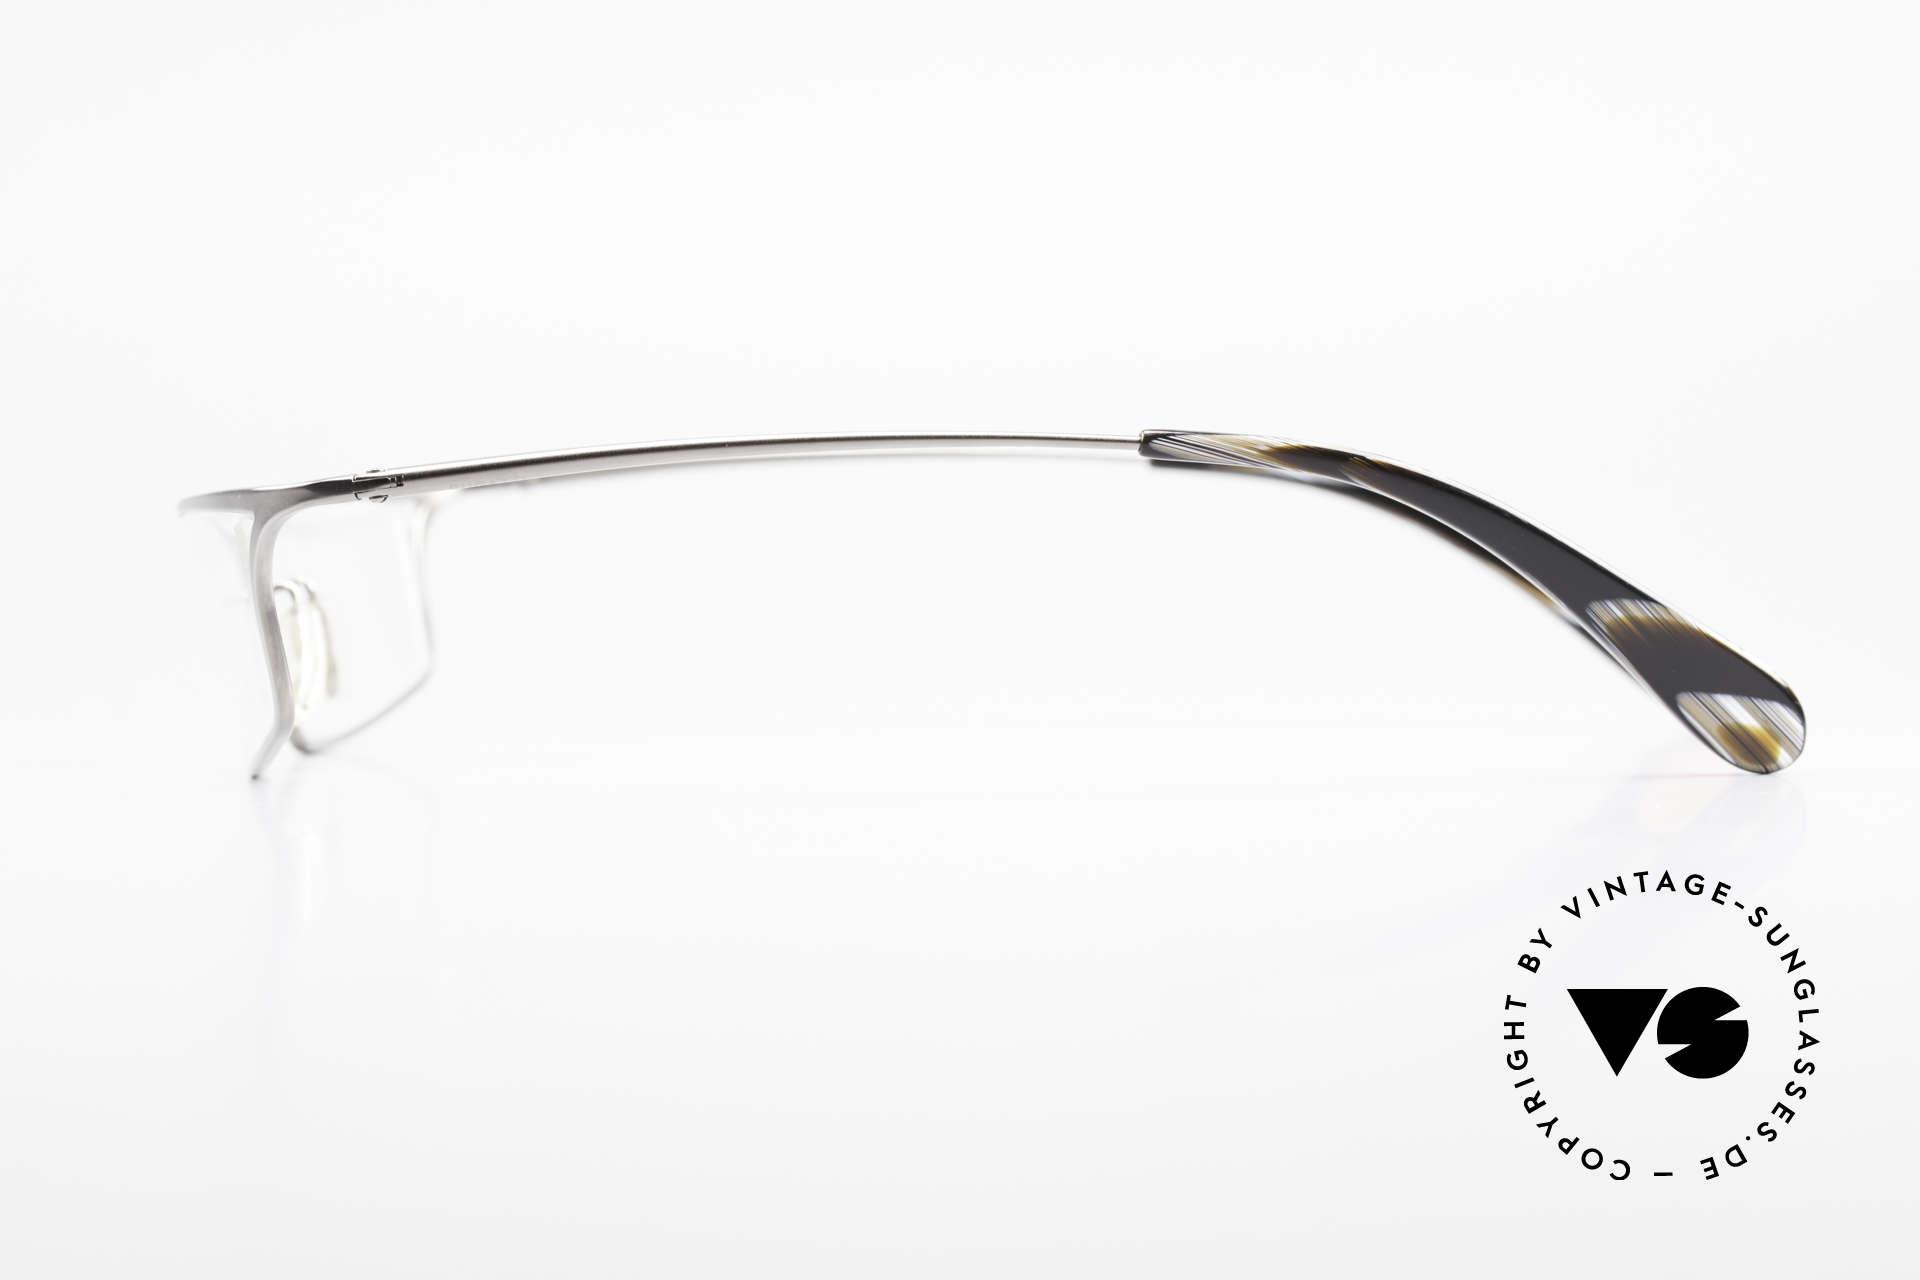 Bugatti 352 Odotype Markante Herren Fassung, sehr spezielle Glaseinfassung & Top Komfort, Passend für Herren